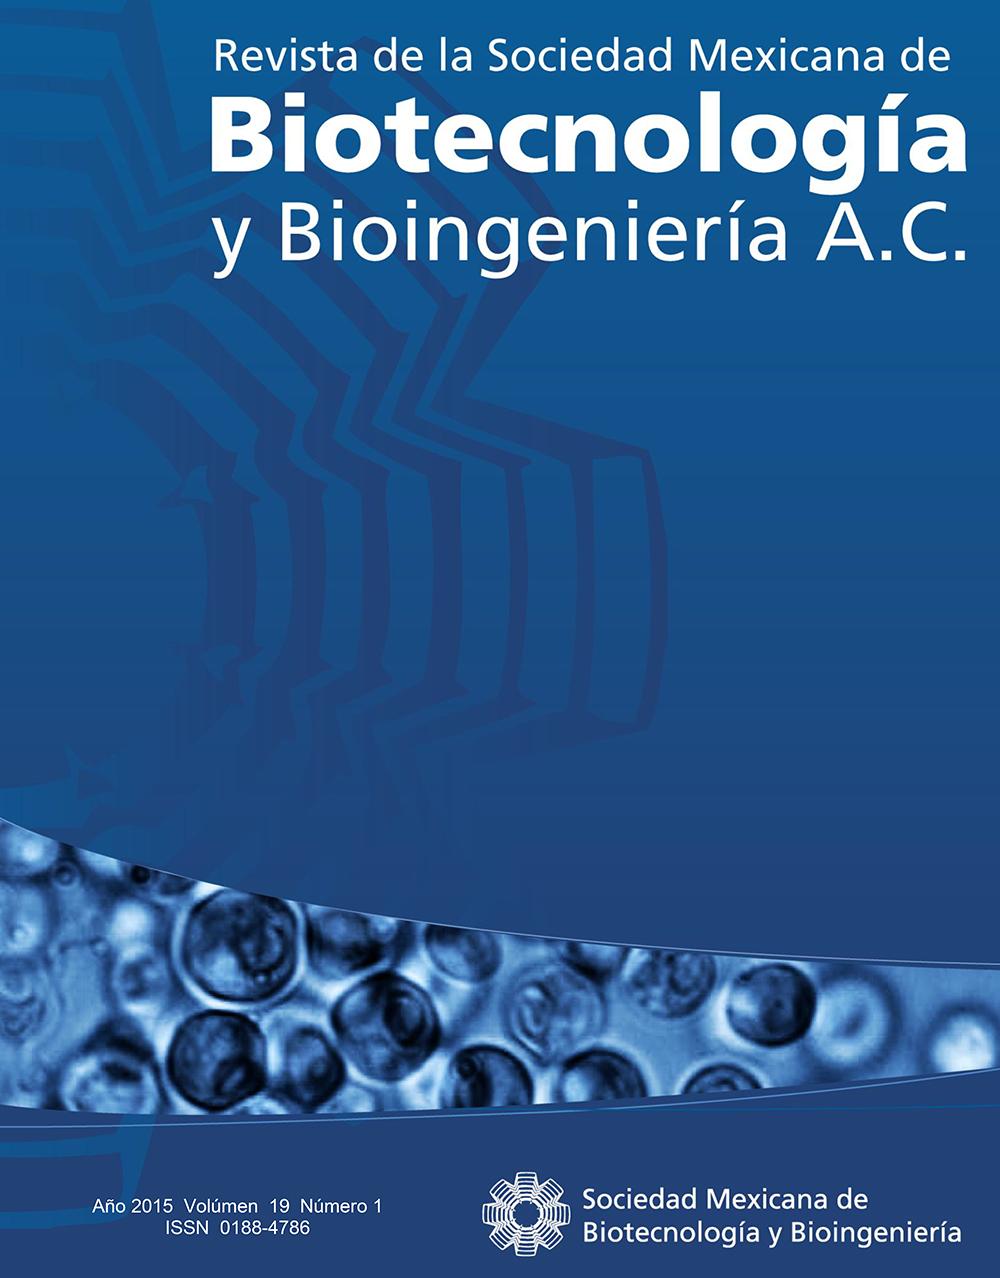 REVISTA BIOTECNOLOGÍA 2015 Vol. 19 Nº1